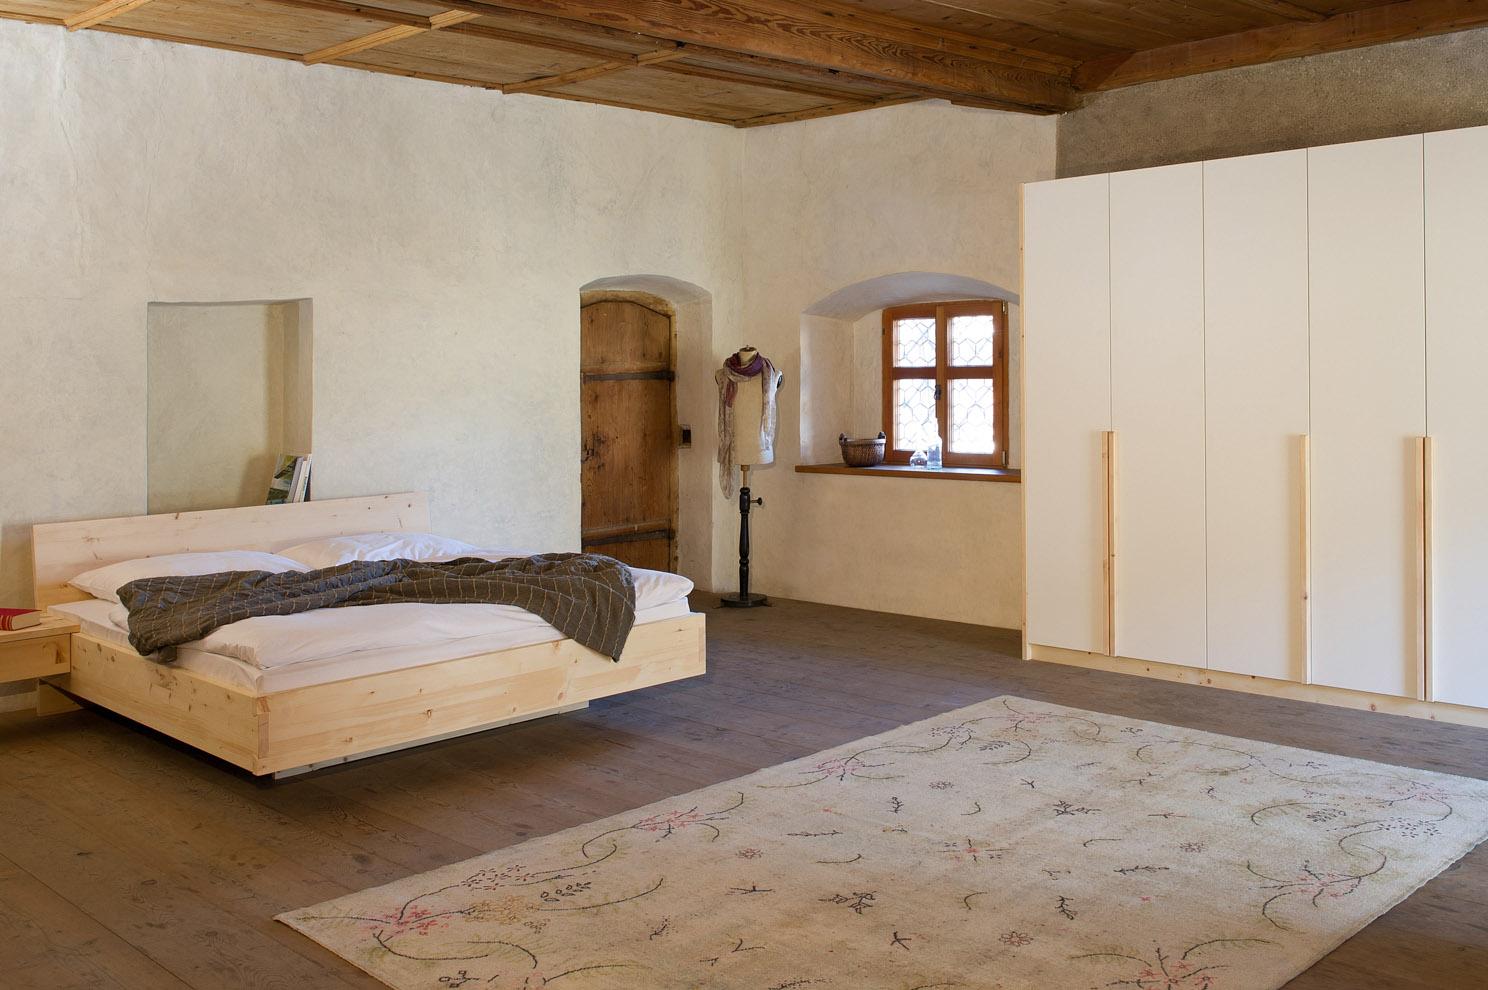 Zirbenholz Schlafzimmer Zirbenholz Mobel Zirbenholz Betten Innviertel